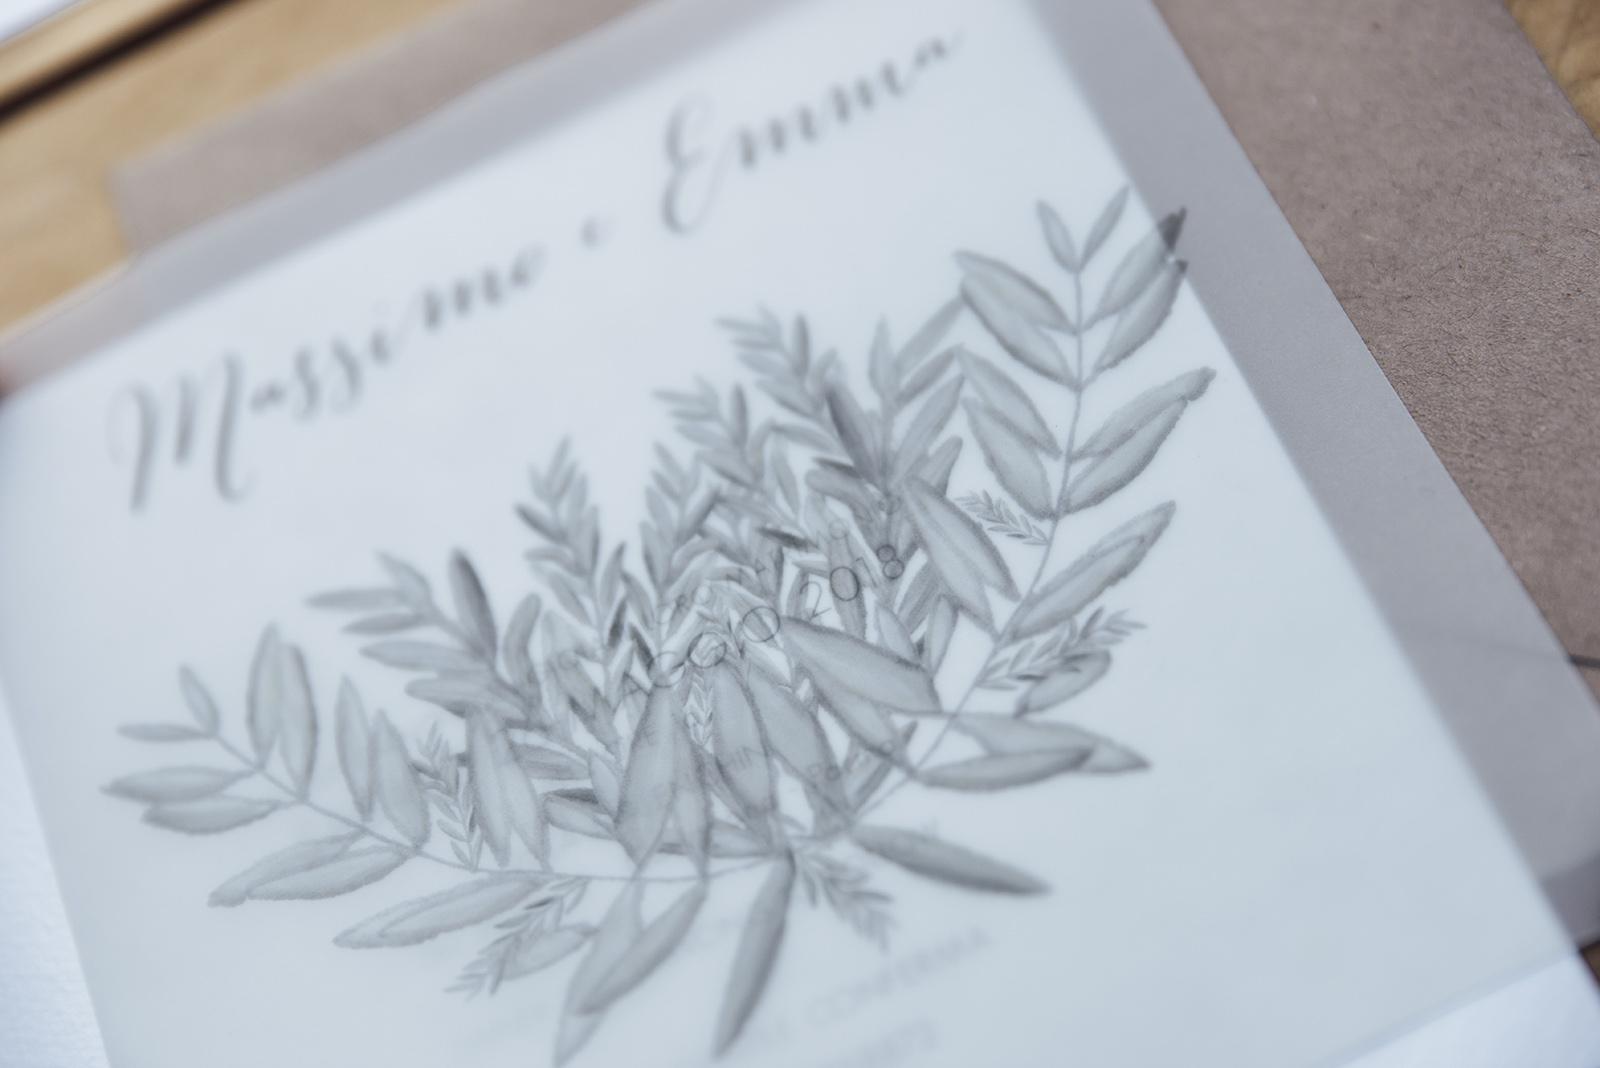 Mugga Design invito completo partecipazione in carta vegetale carta da lucido con ulivo illustrato a mano personalizzabile